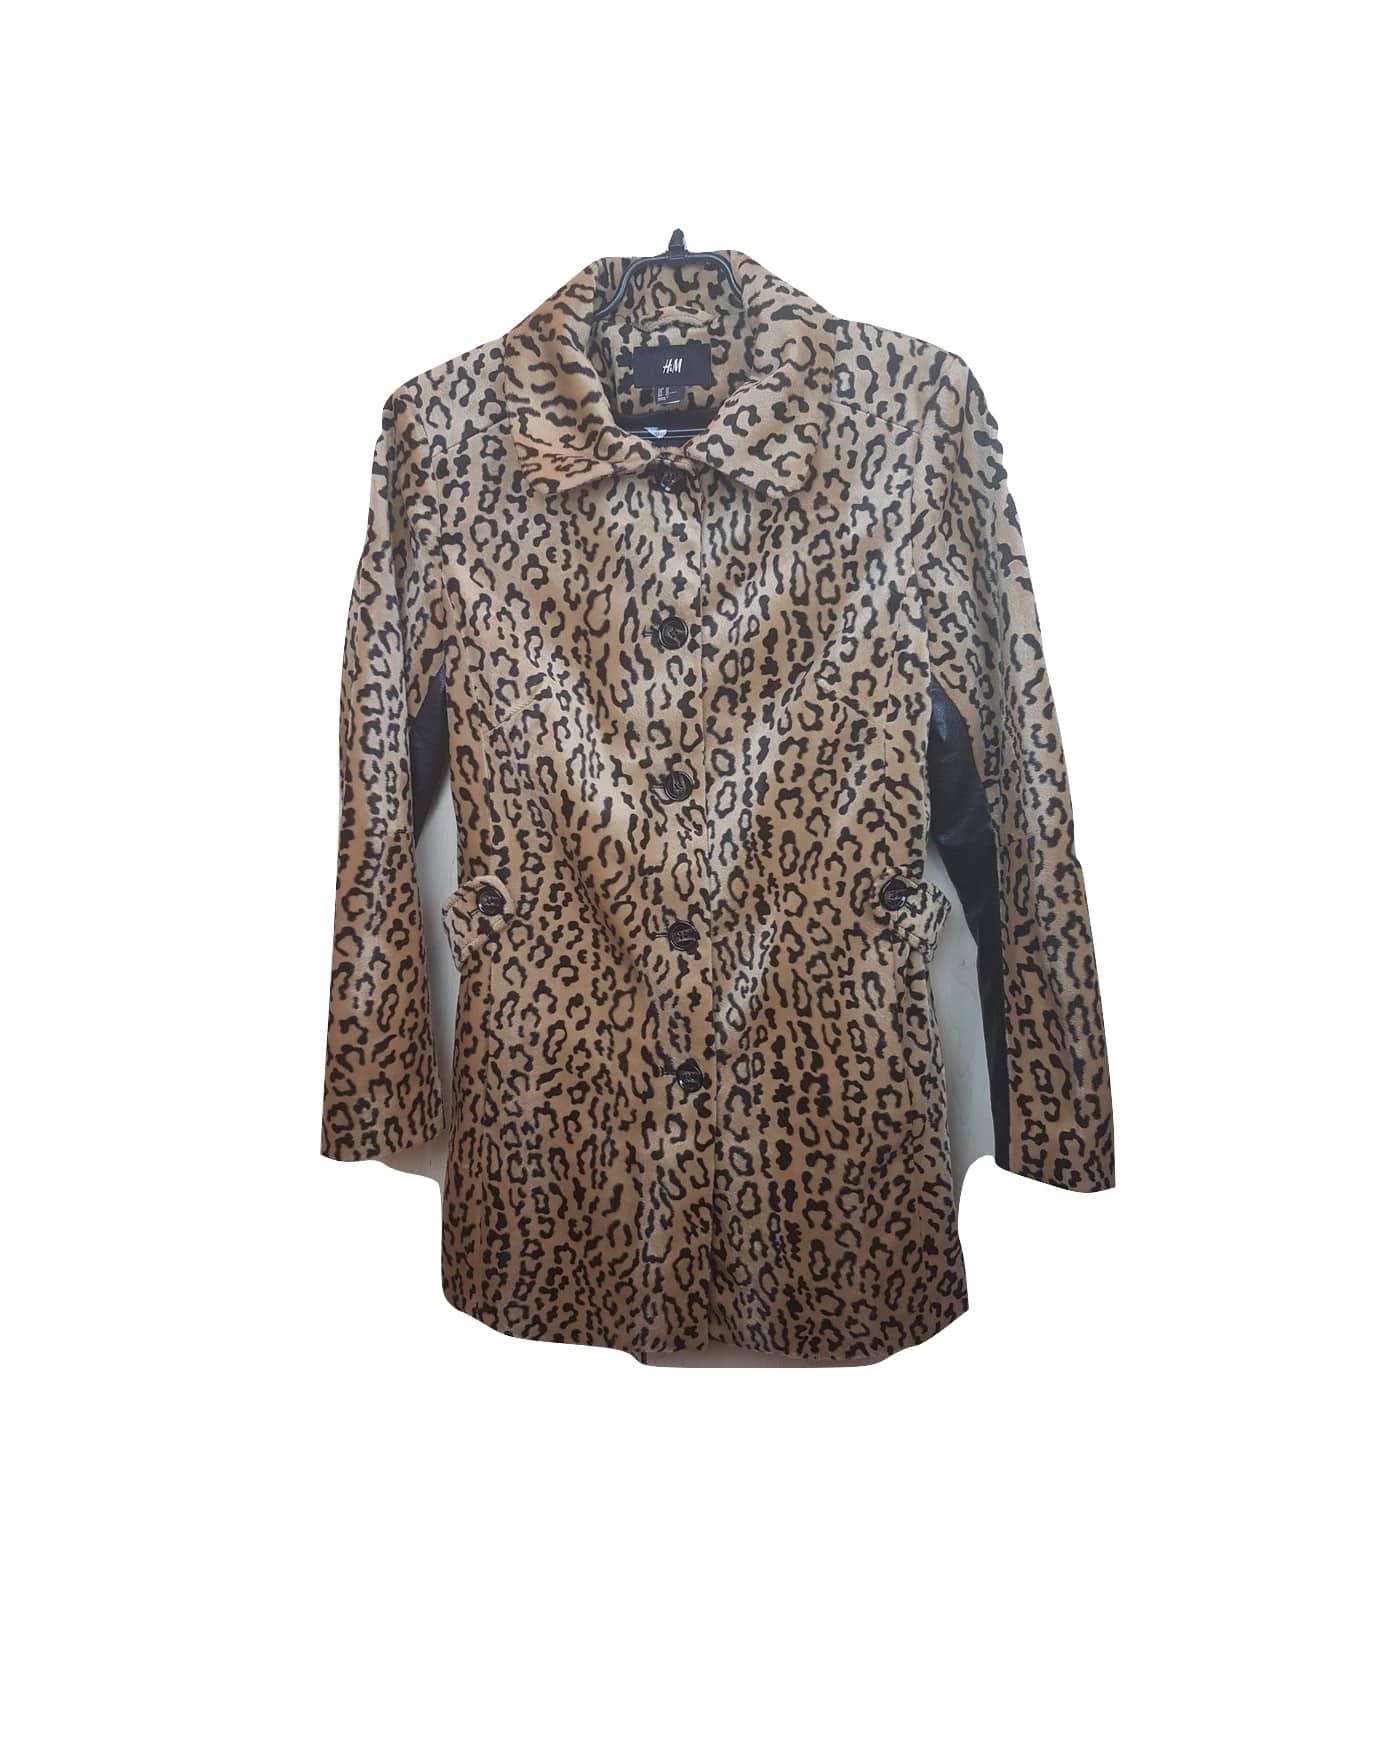 Moteriškas rudeninis tigro rašto paltukas, H&M, 40 dydis